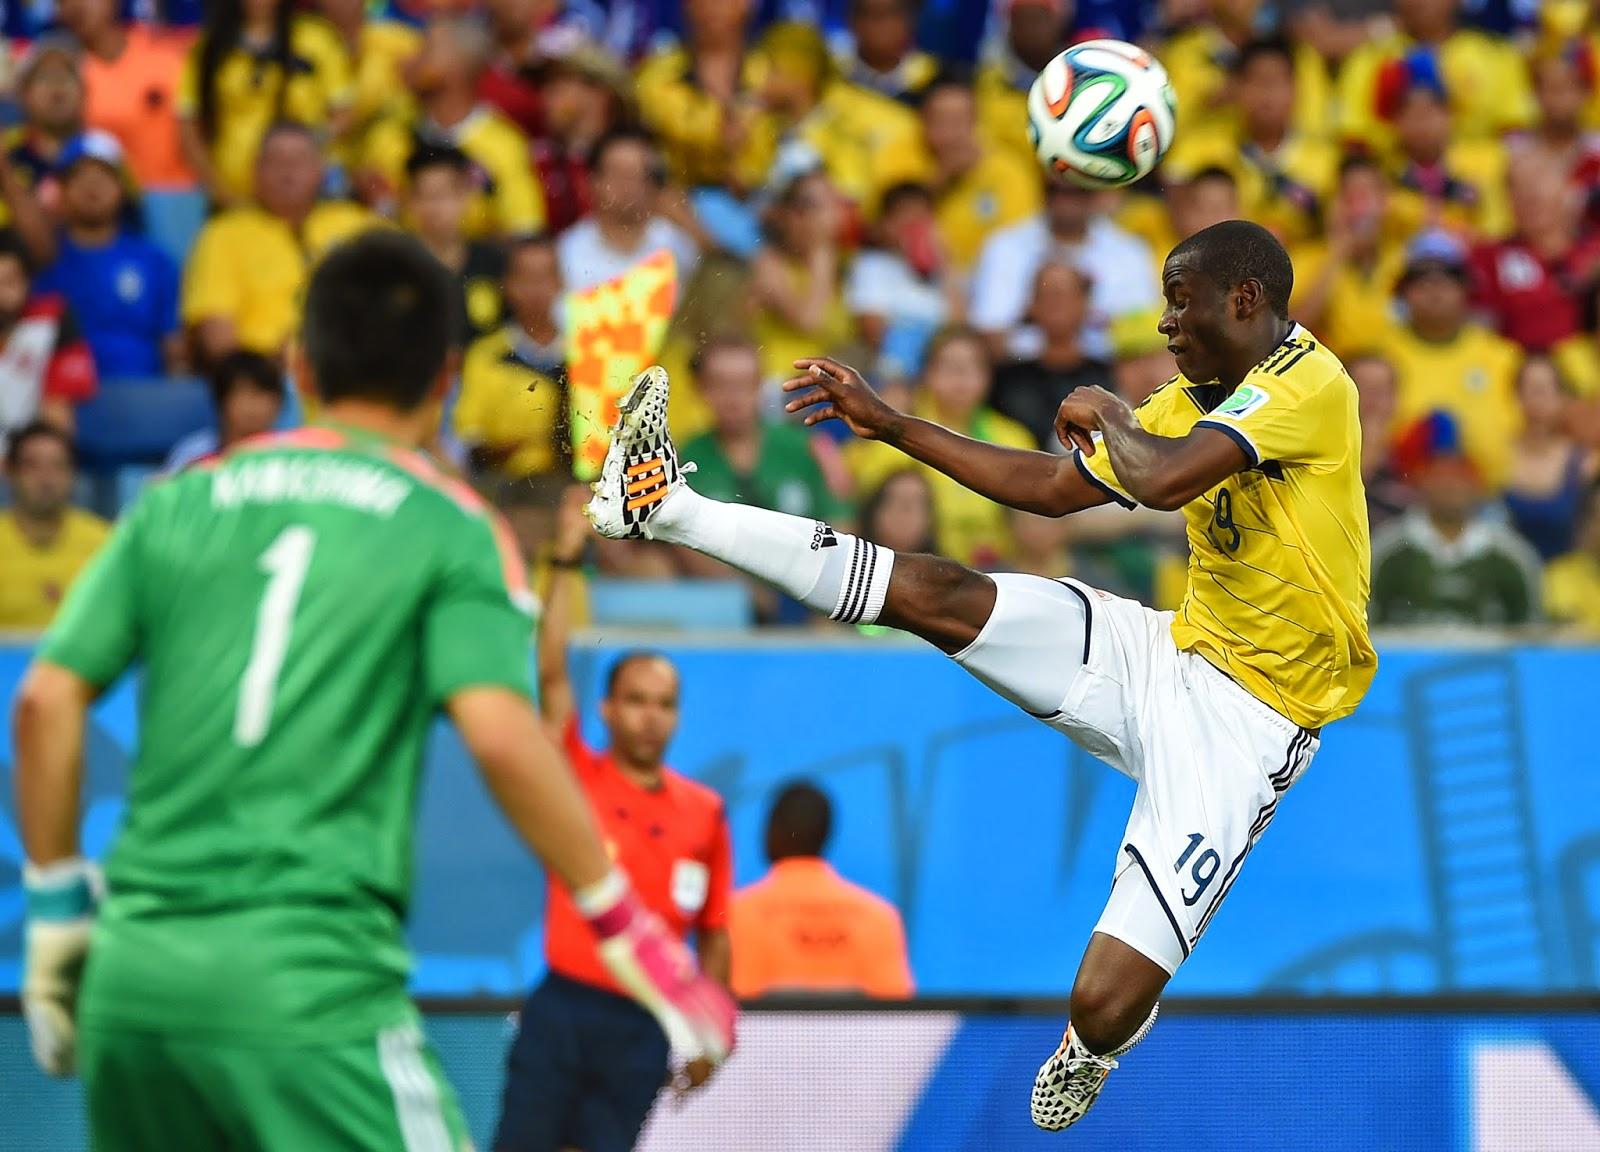 Imagenes Del Futbol Colombiano - ¡Volvió el fútbol colombiano! Vea las mejores imágenes de